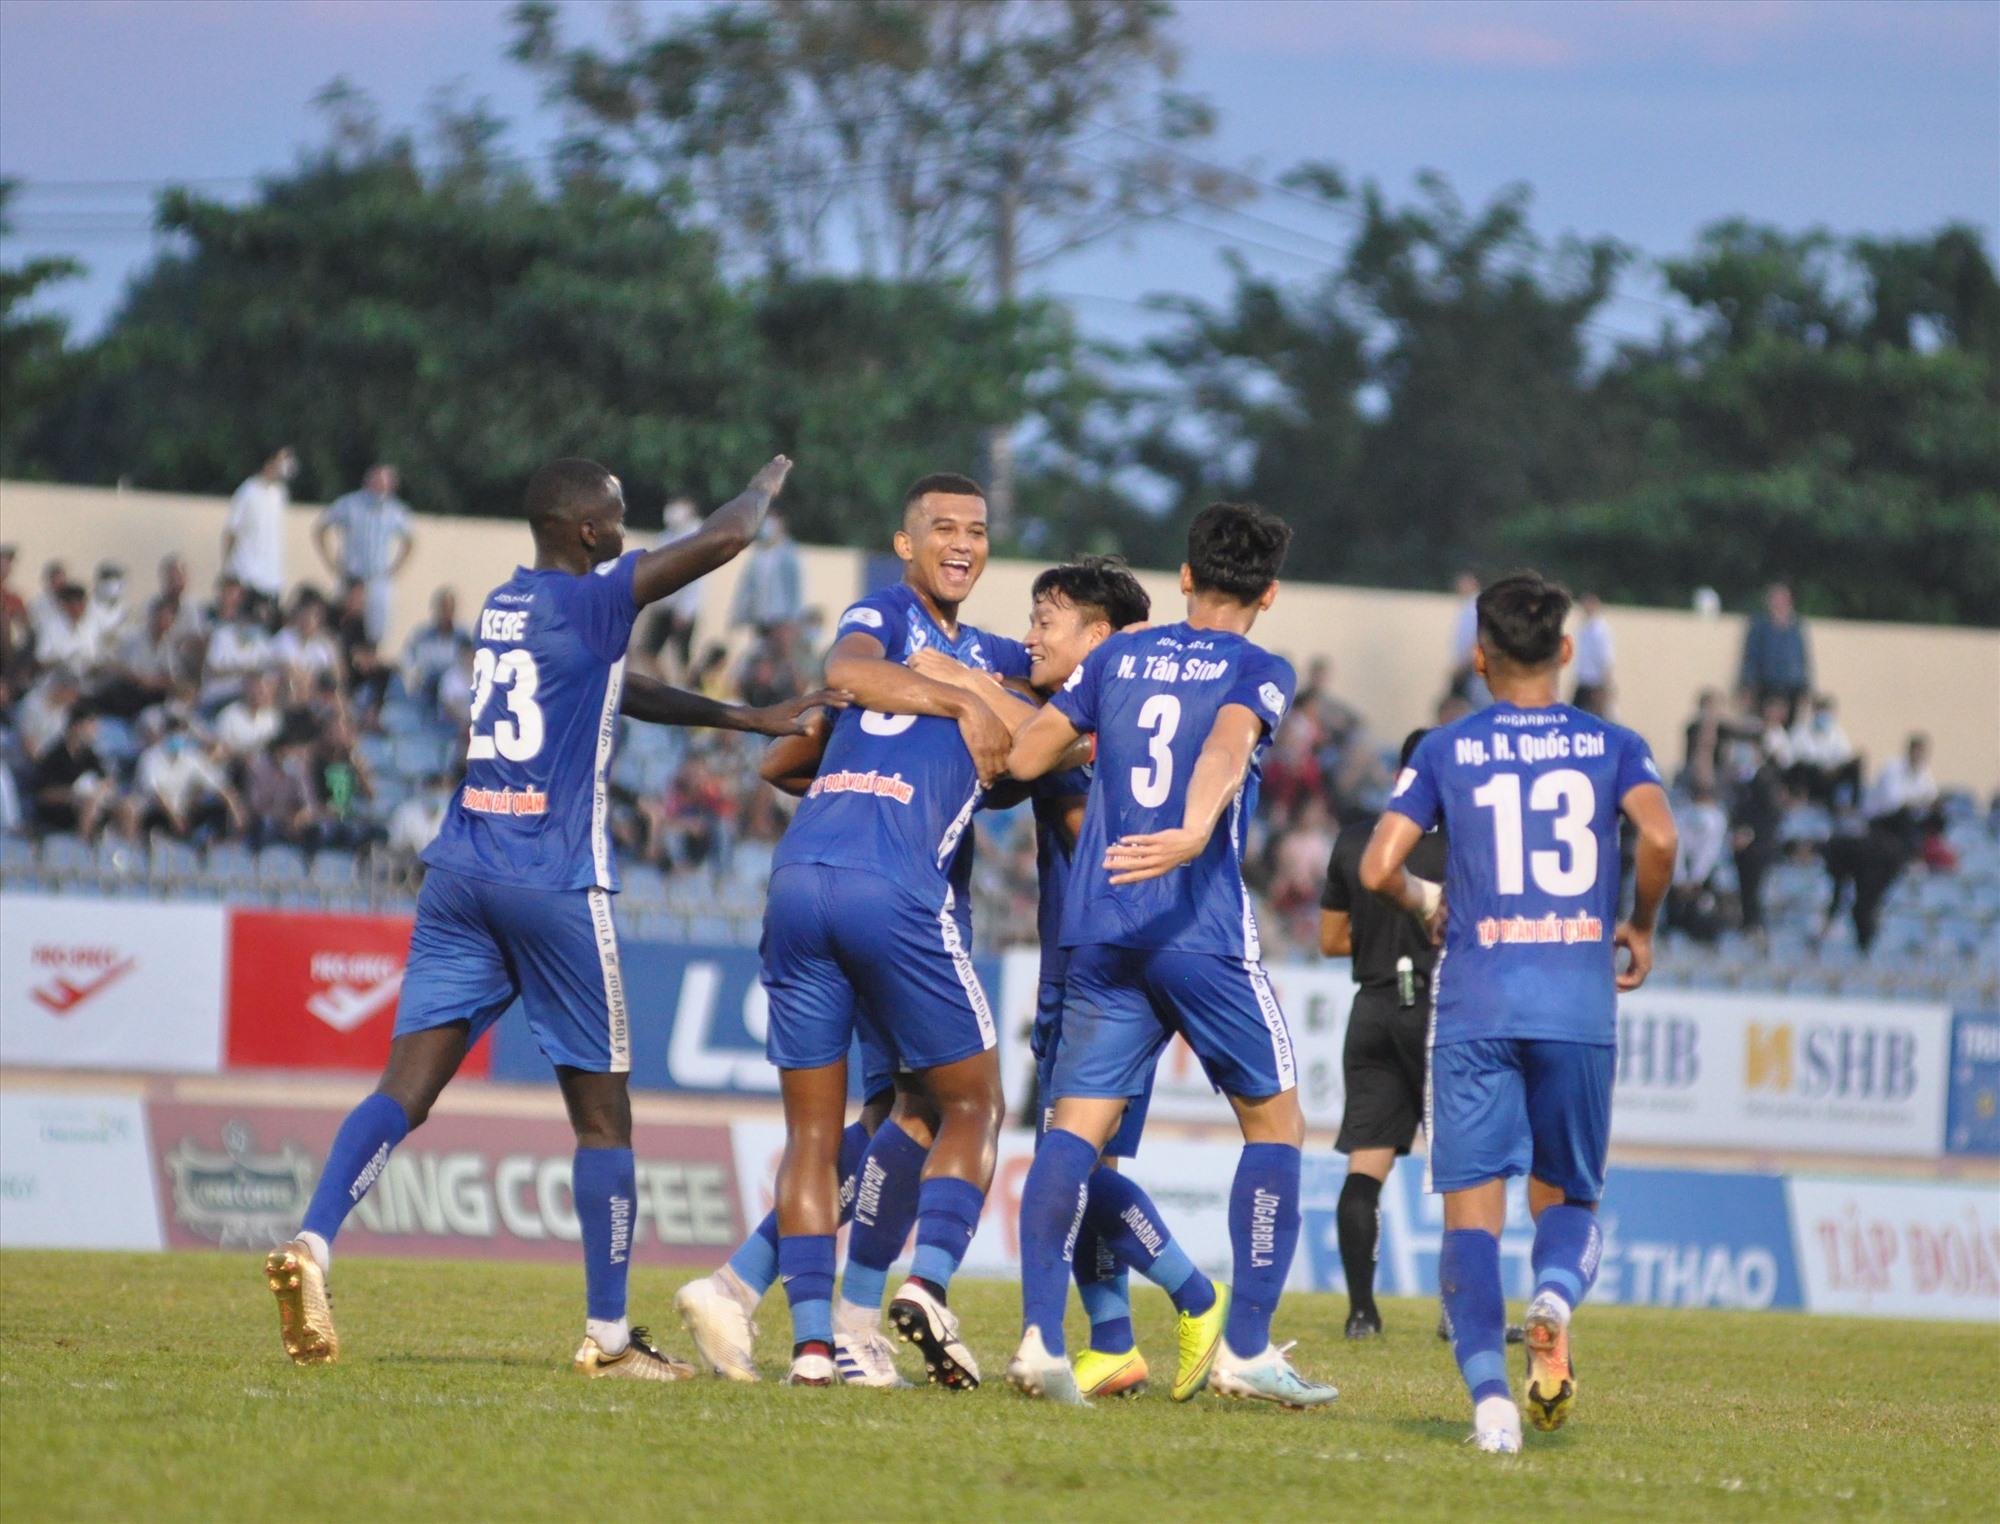 Niềm vui của các cầu thủ Quảng Nam trong trận hòa 2-2 với Hà Nội. Ảnh: A.N